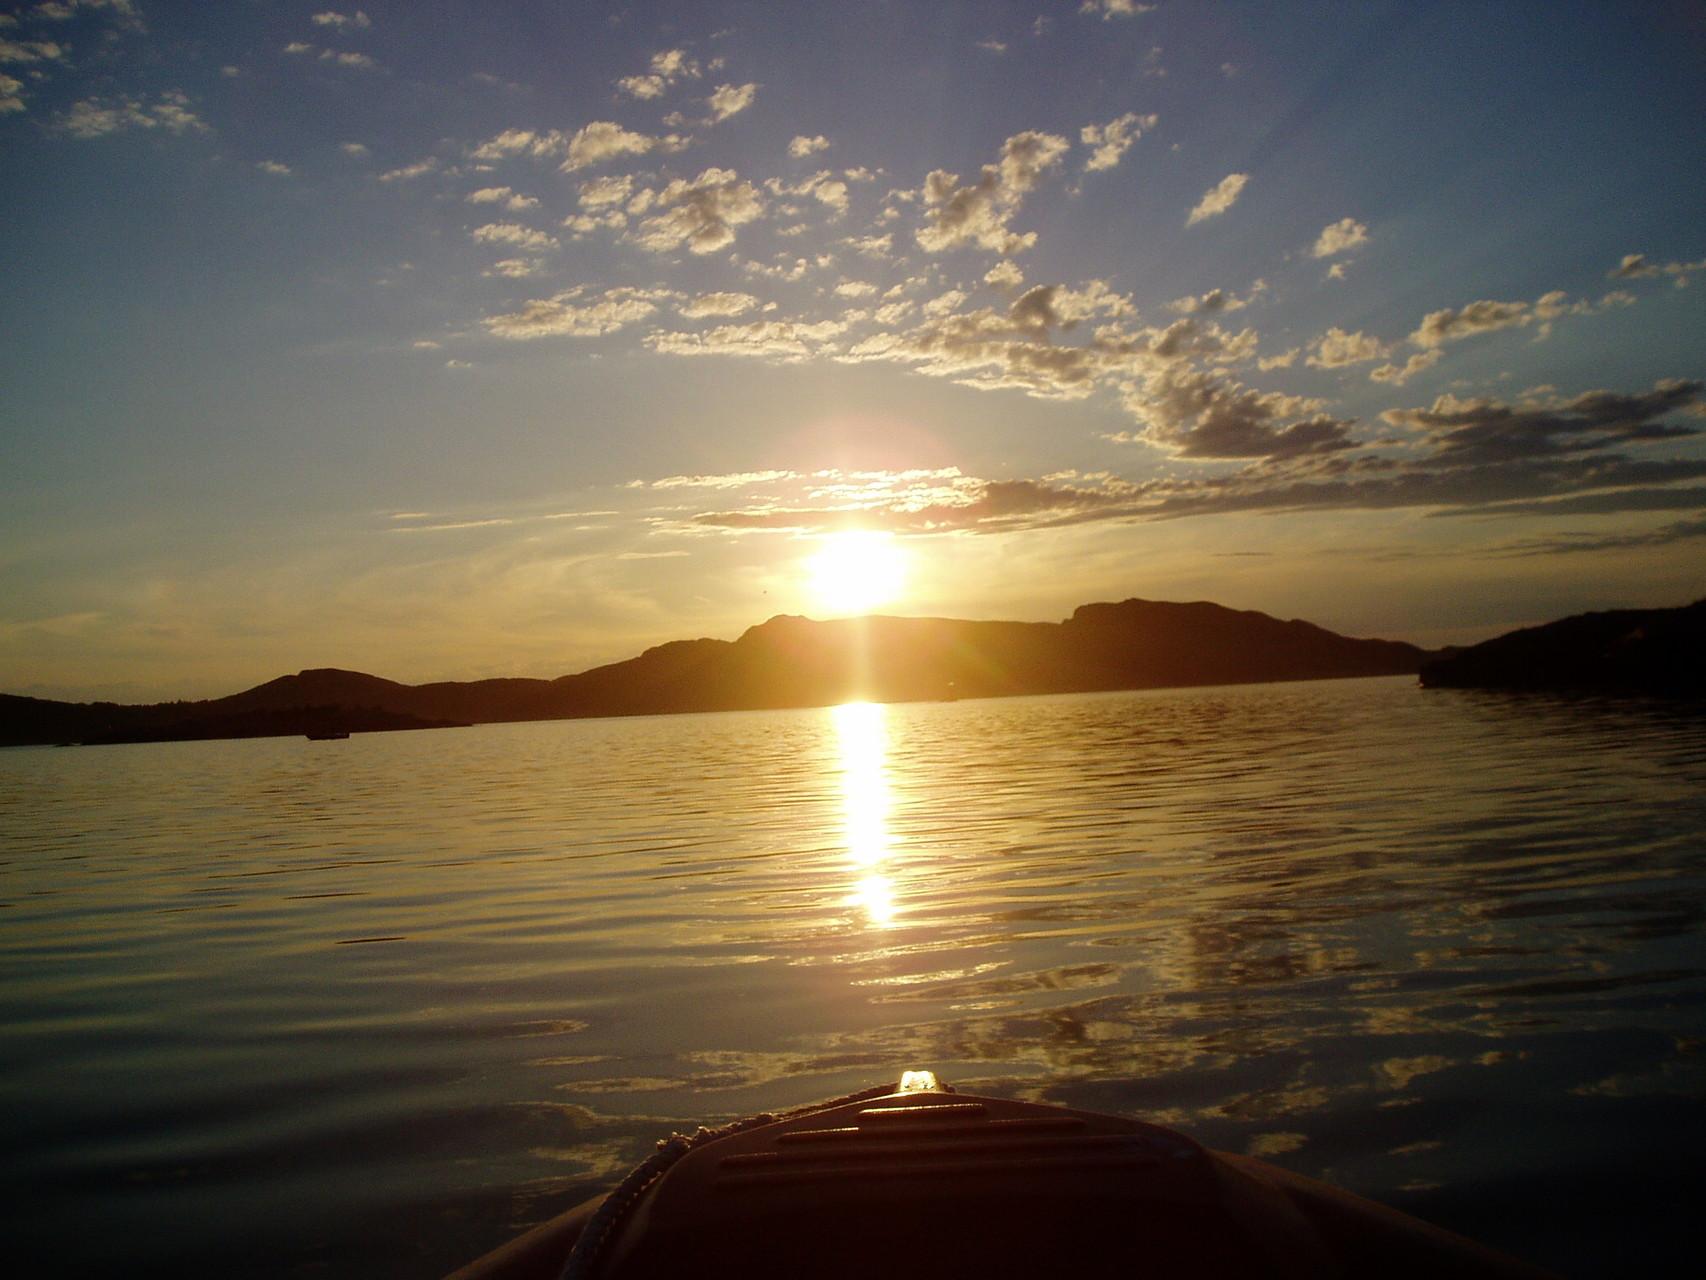 Sonne im Meer